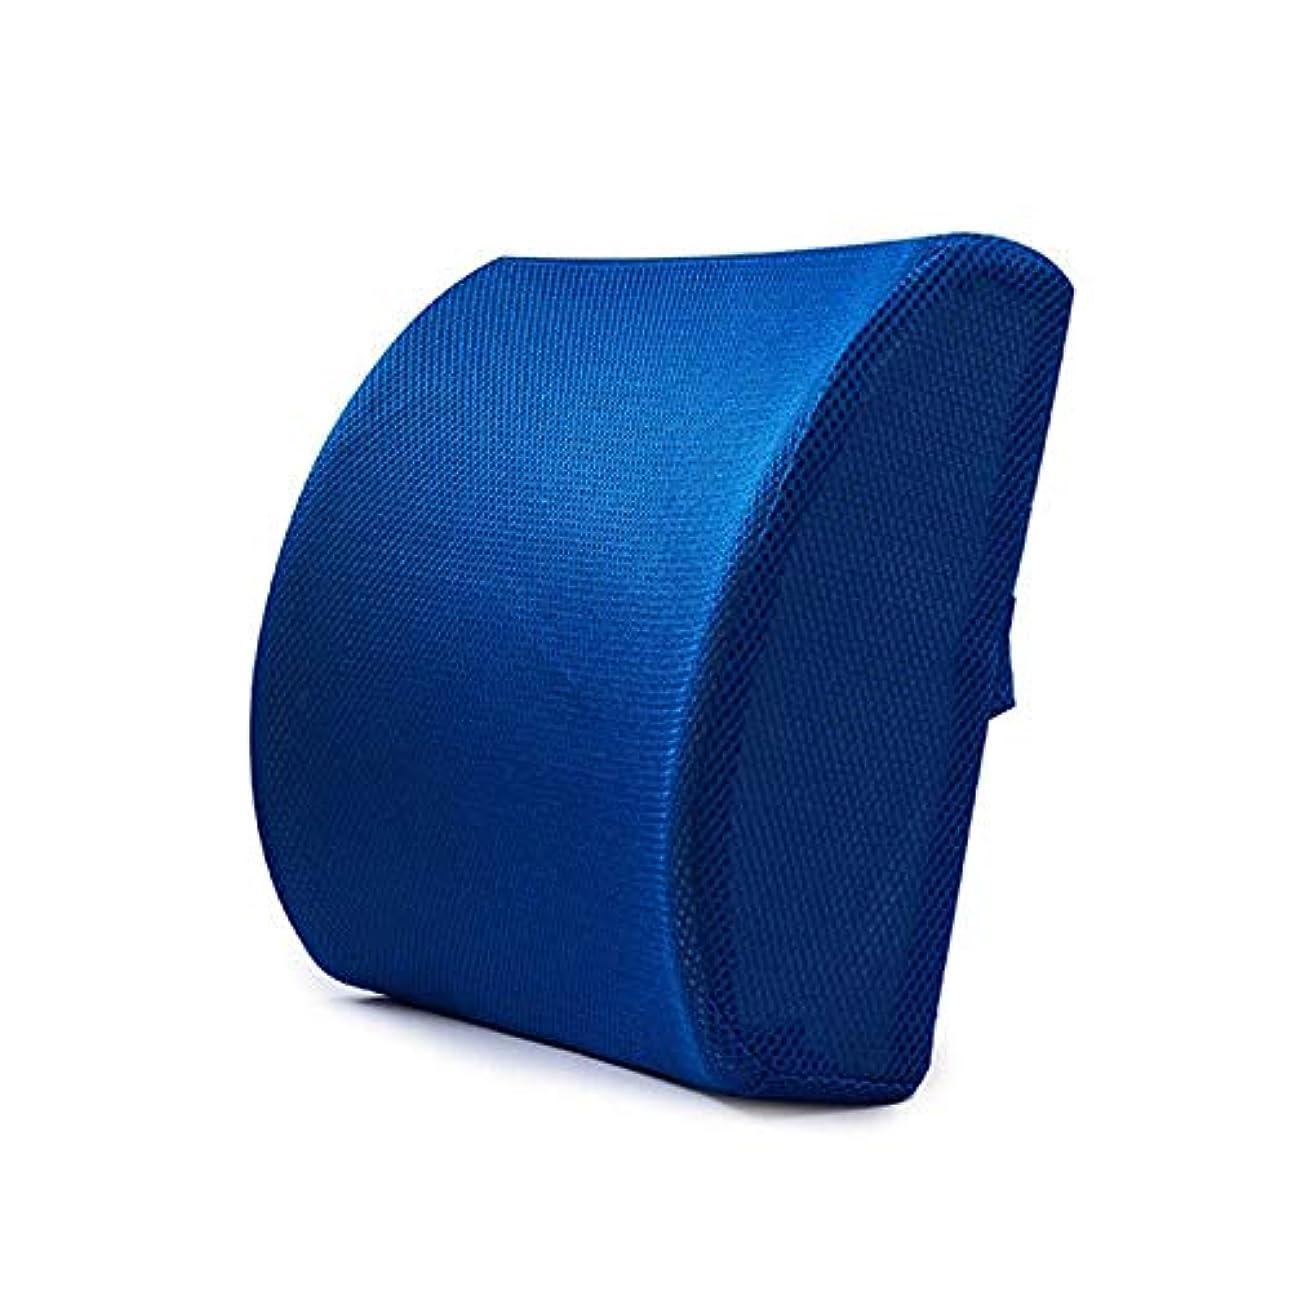 粒フェードアウトブルLIFE ホームオフィス背もたれ椅子腰椎クッションカーシートネック枕 3D 低反発サポートバックマッサージウエストレスリビング枕 クッション 椅子